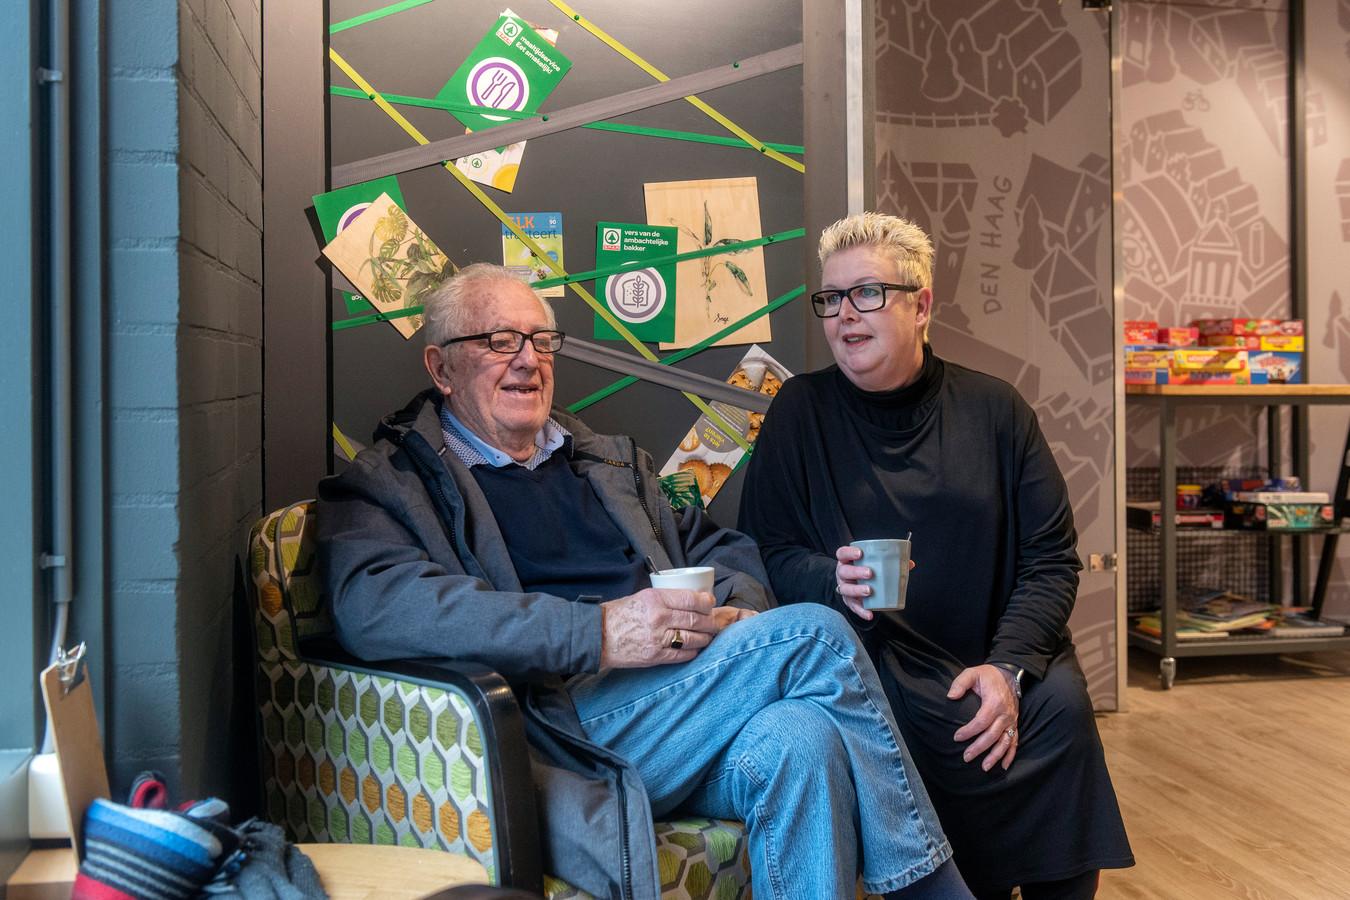 jacky de Deugd gaat een paar keer per week met haar dementerende vader, een bewoner van verpleeghuis Het Beekdal in Heelsum, naar 'de overkant' om een bezoek te brengen aan de lunchroom in de Spar-supermarkt.